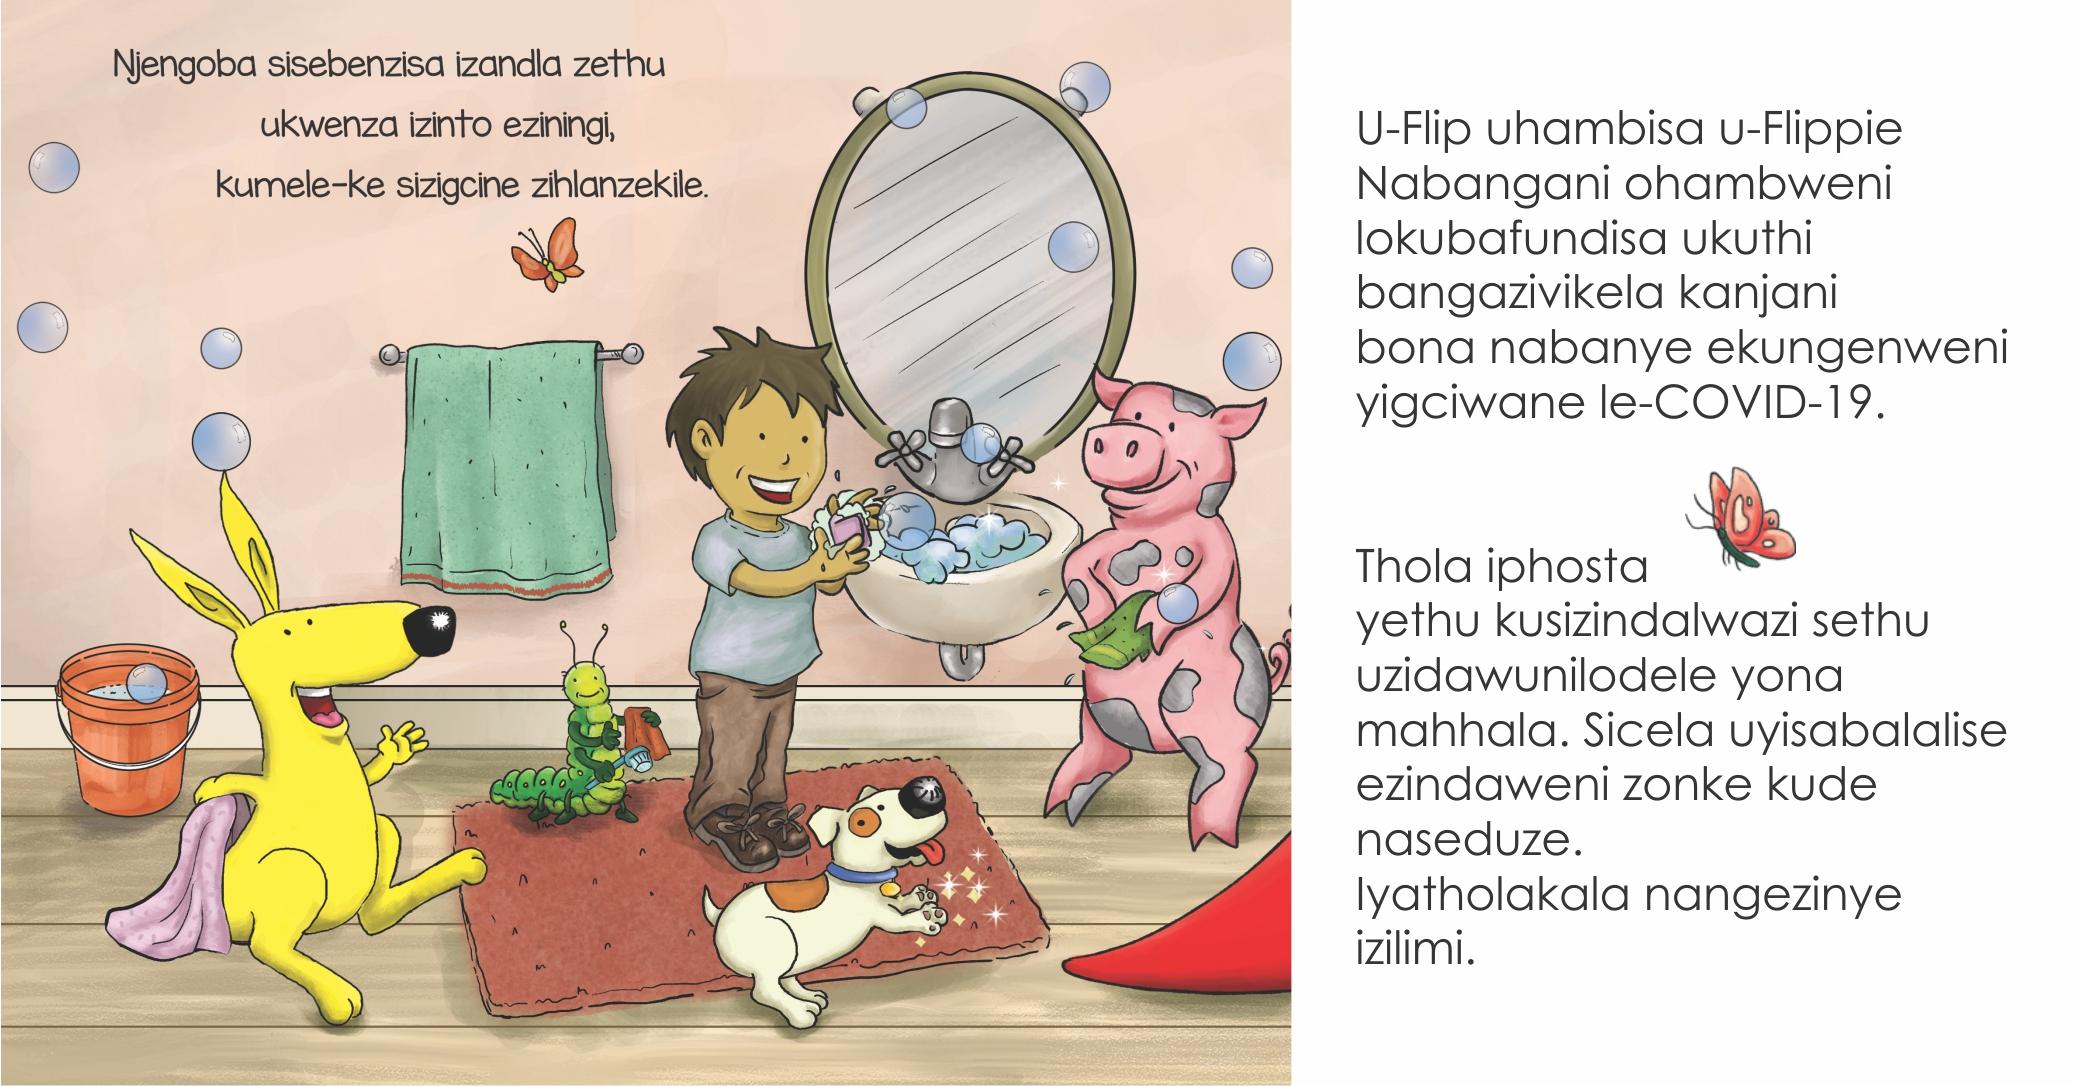 Asiyinqobe i-Coronavirus (Let's Beat this Coronavirus, isiZulu edition) – Geza izandla zakho